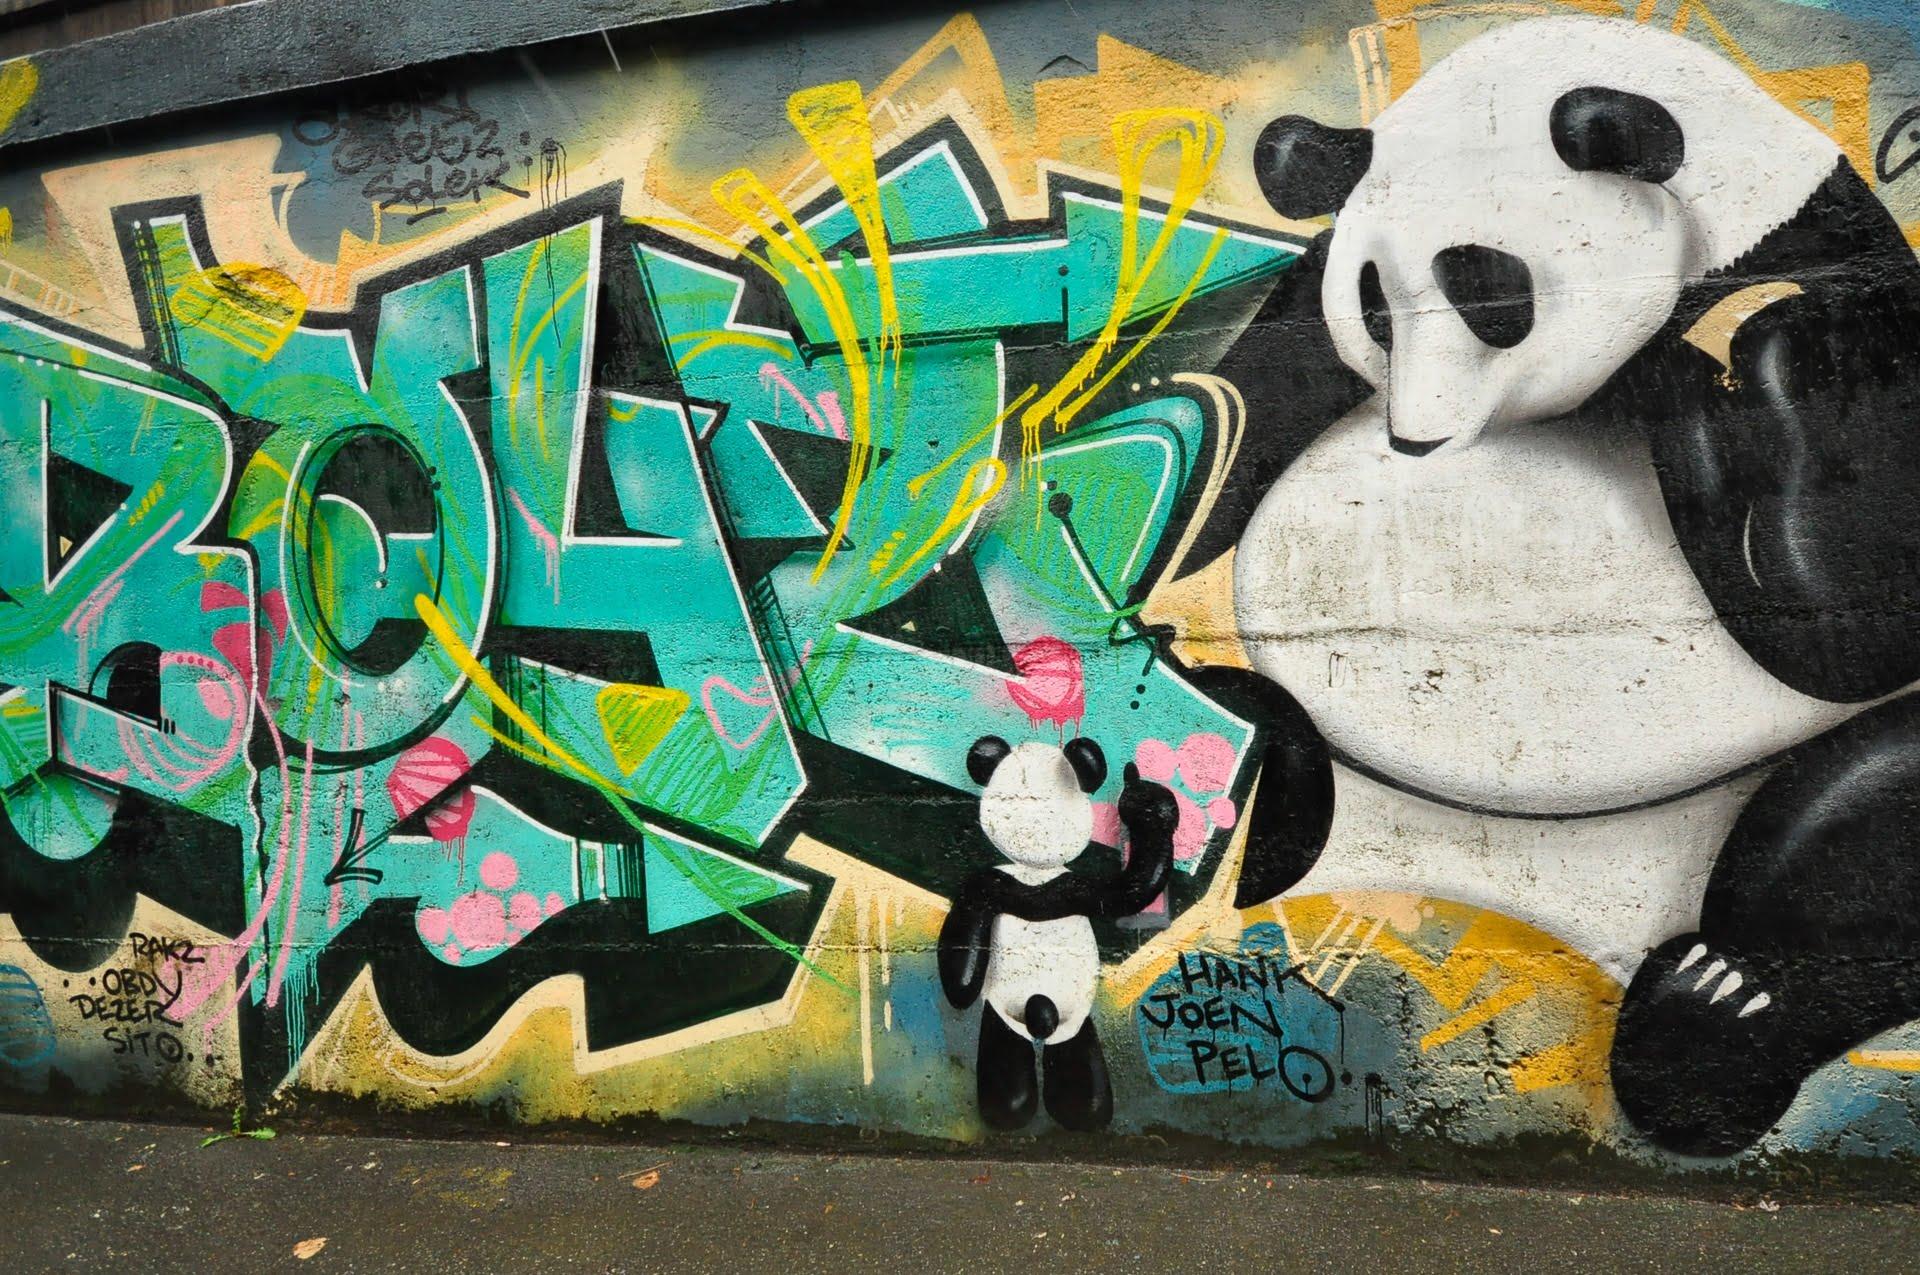 street art panda bis - Les globe blogueurs - blog voyage nature